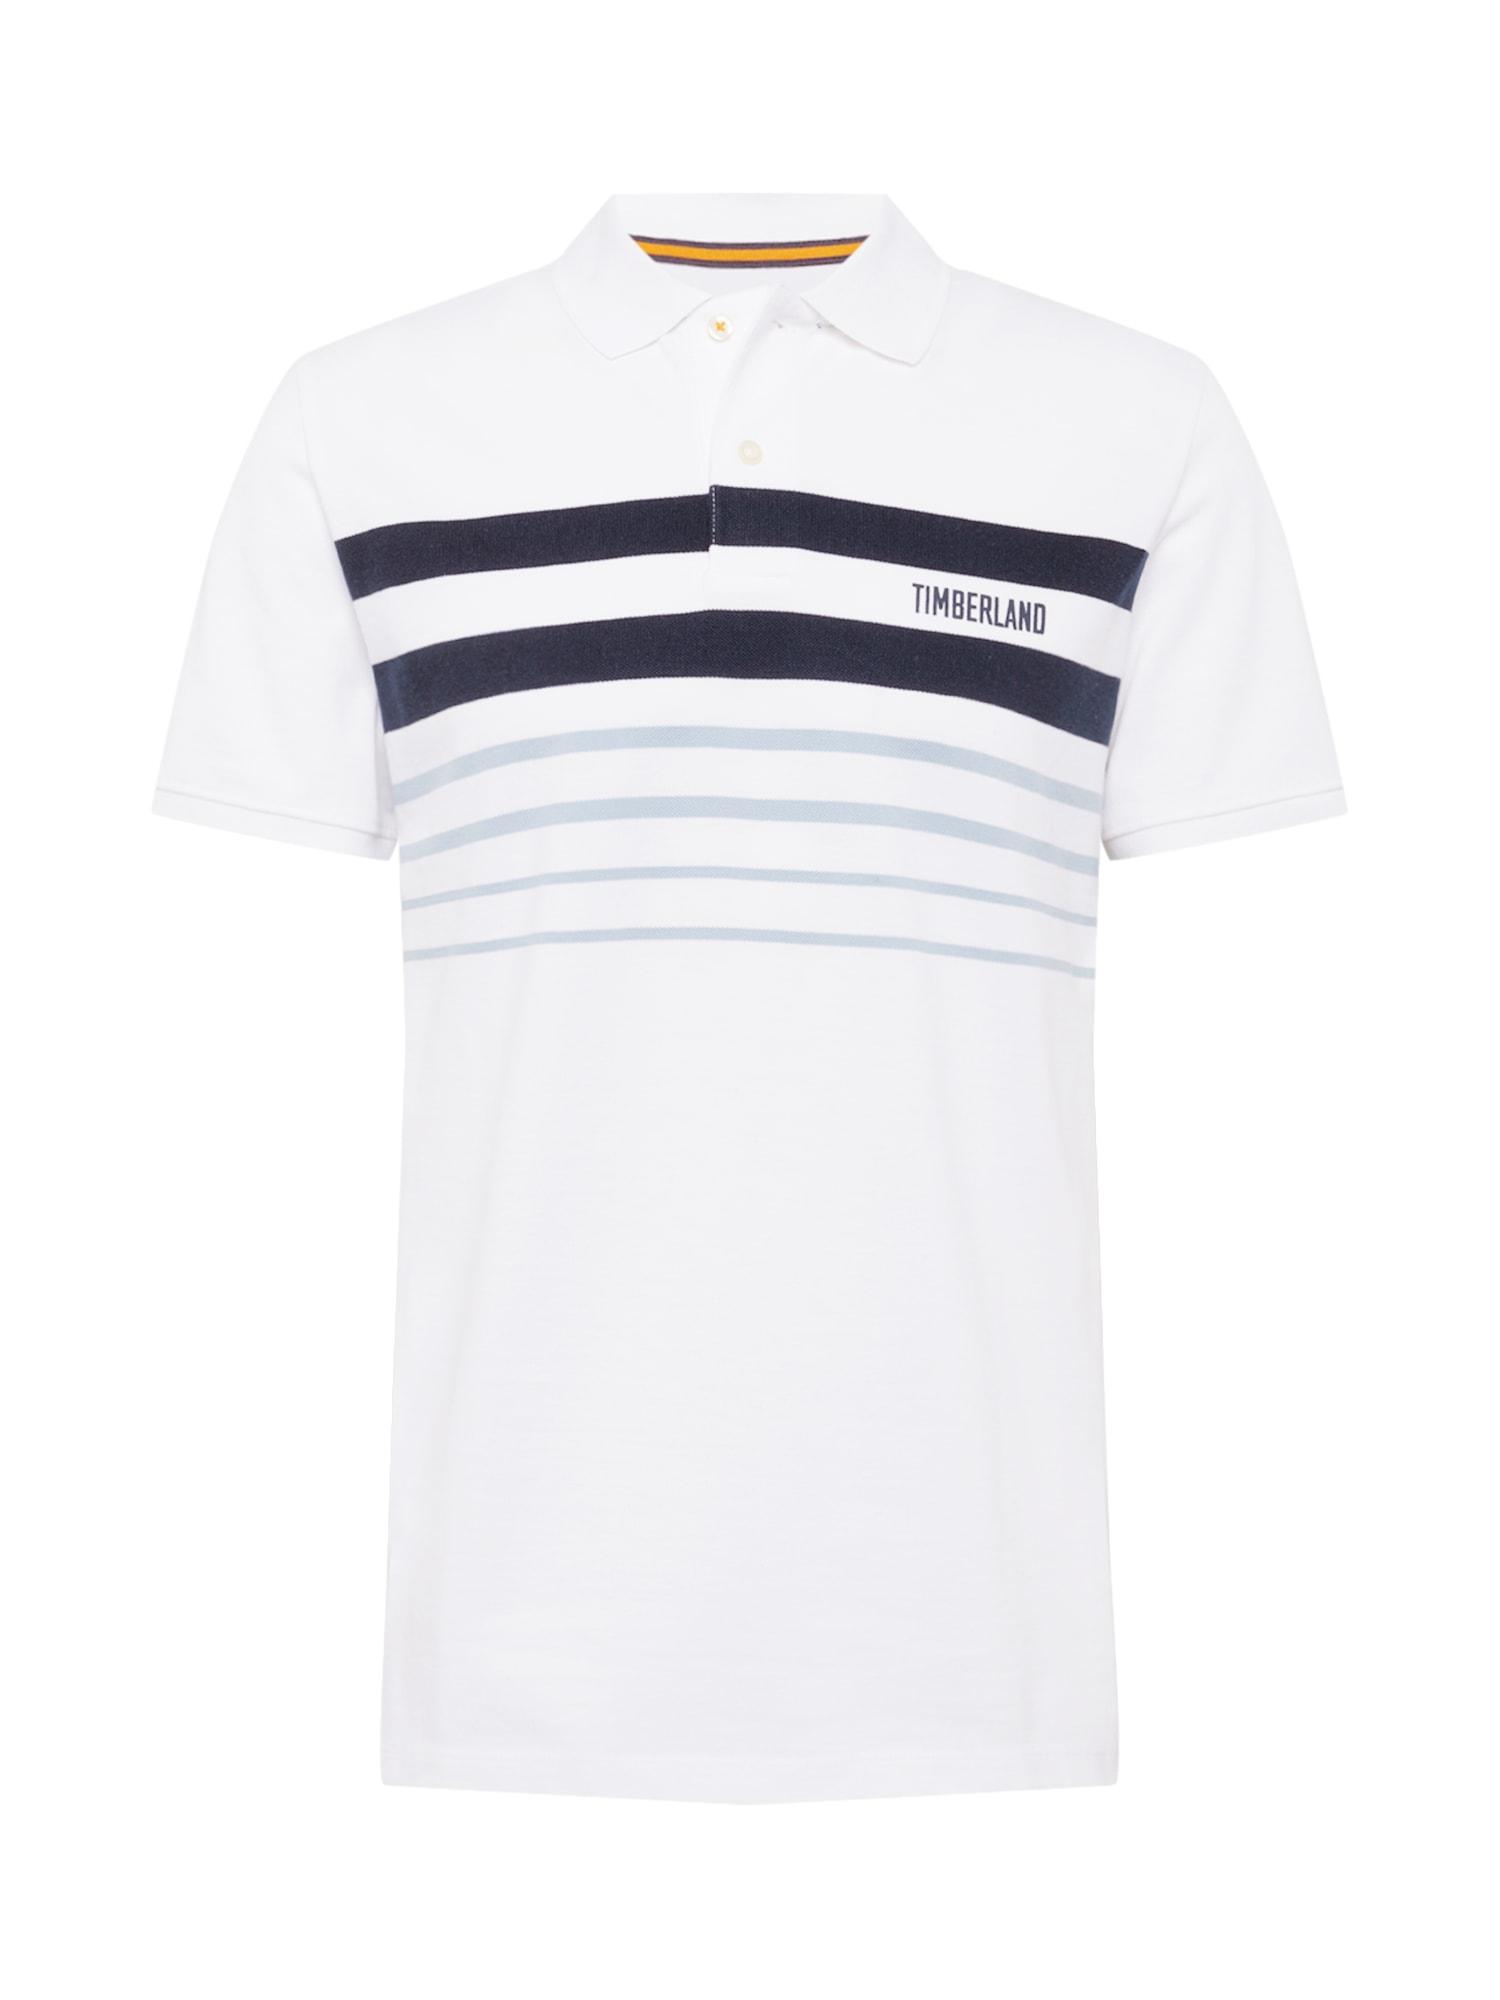 TIMBERLAND Marškinėliai balta / tamsiai mėlyna / mėlyna dūmų spalva